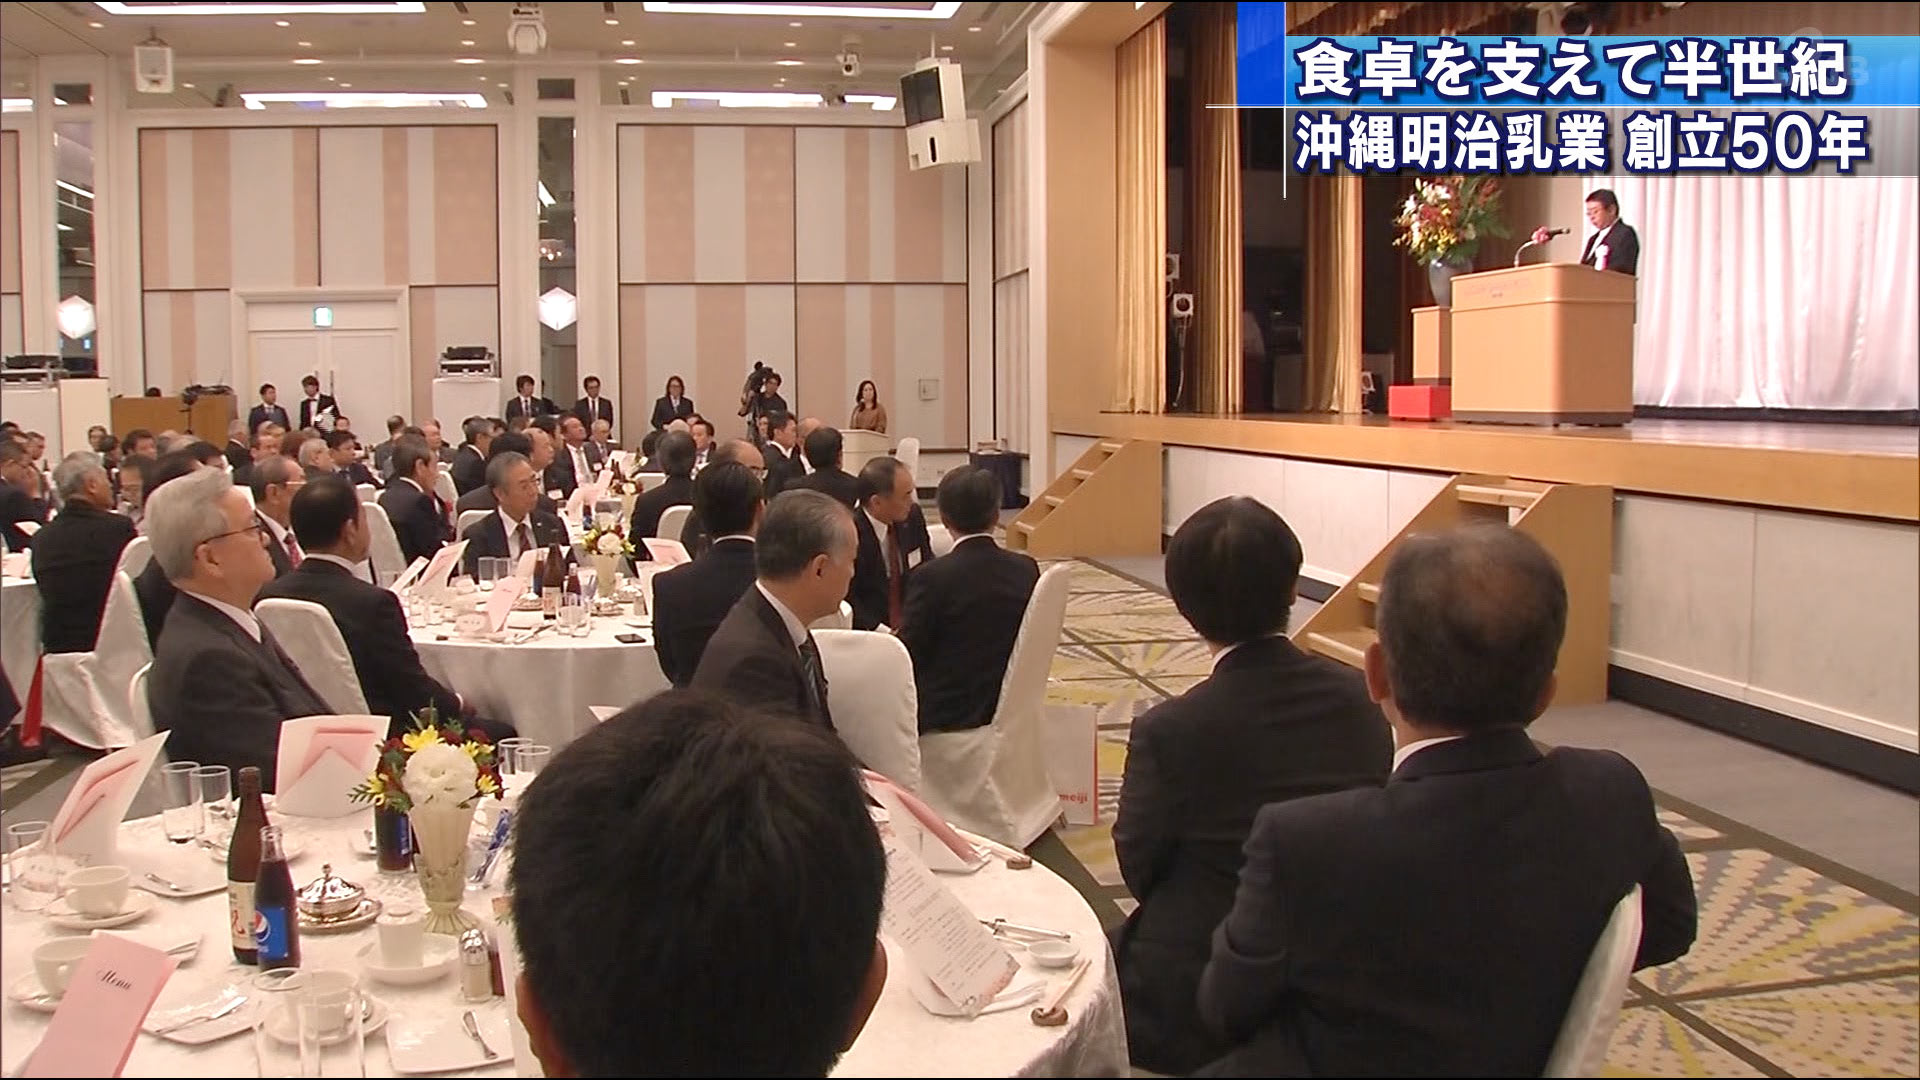 沖縄明治乳業創立50周年